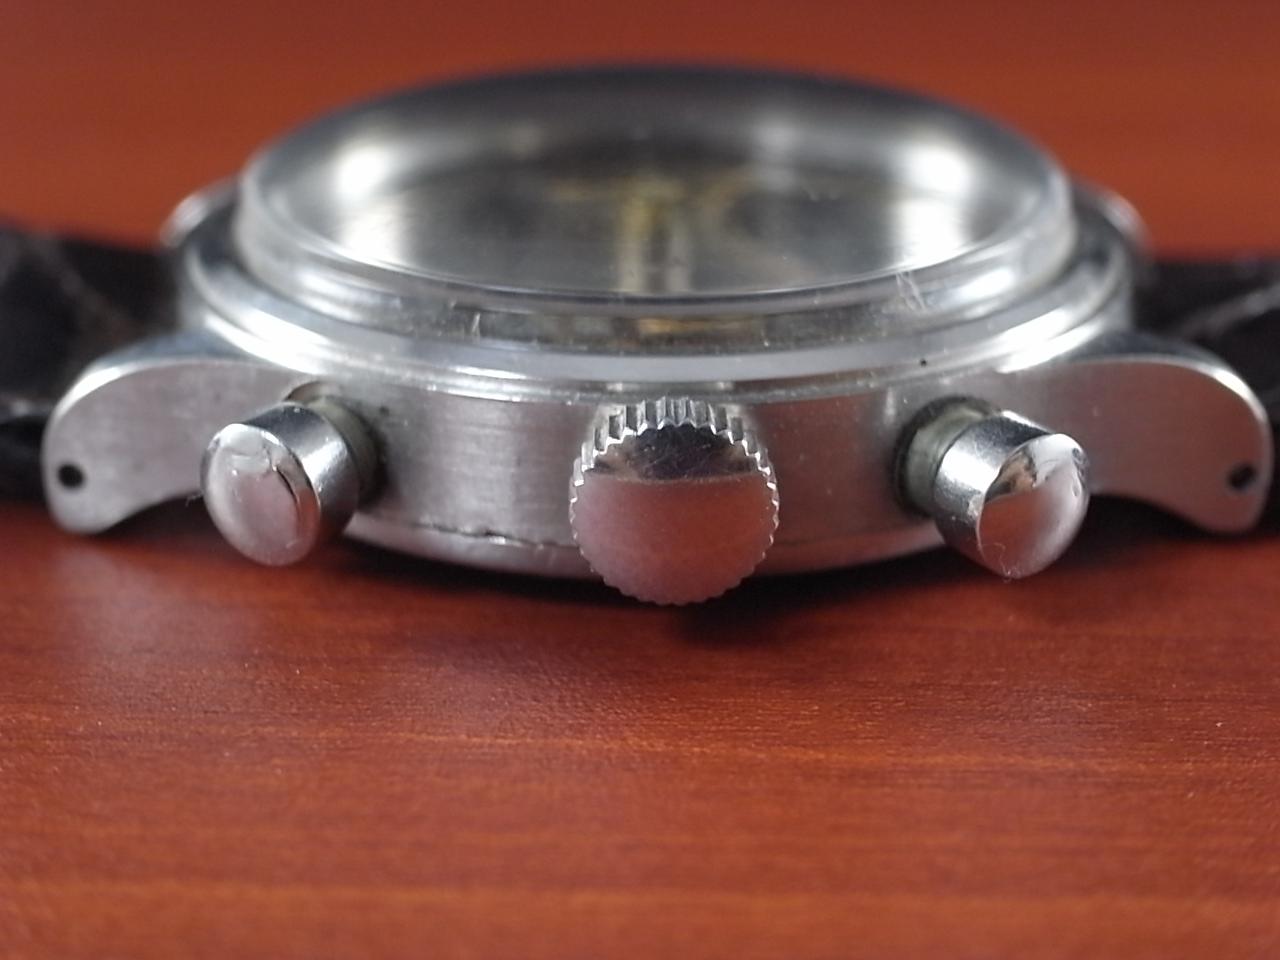 ボヴェ シングルスプリットセコンド クロノグラフ バルジュー84の写真3枚目